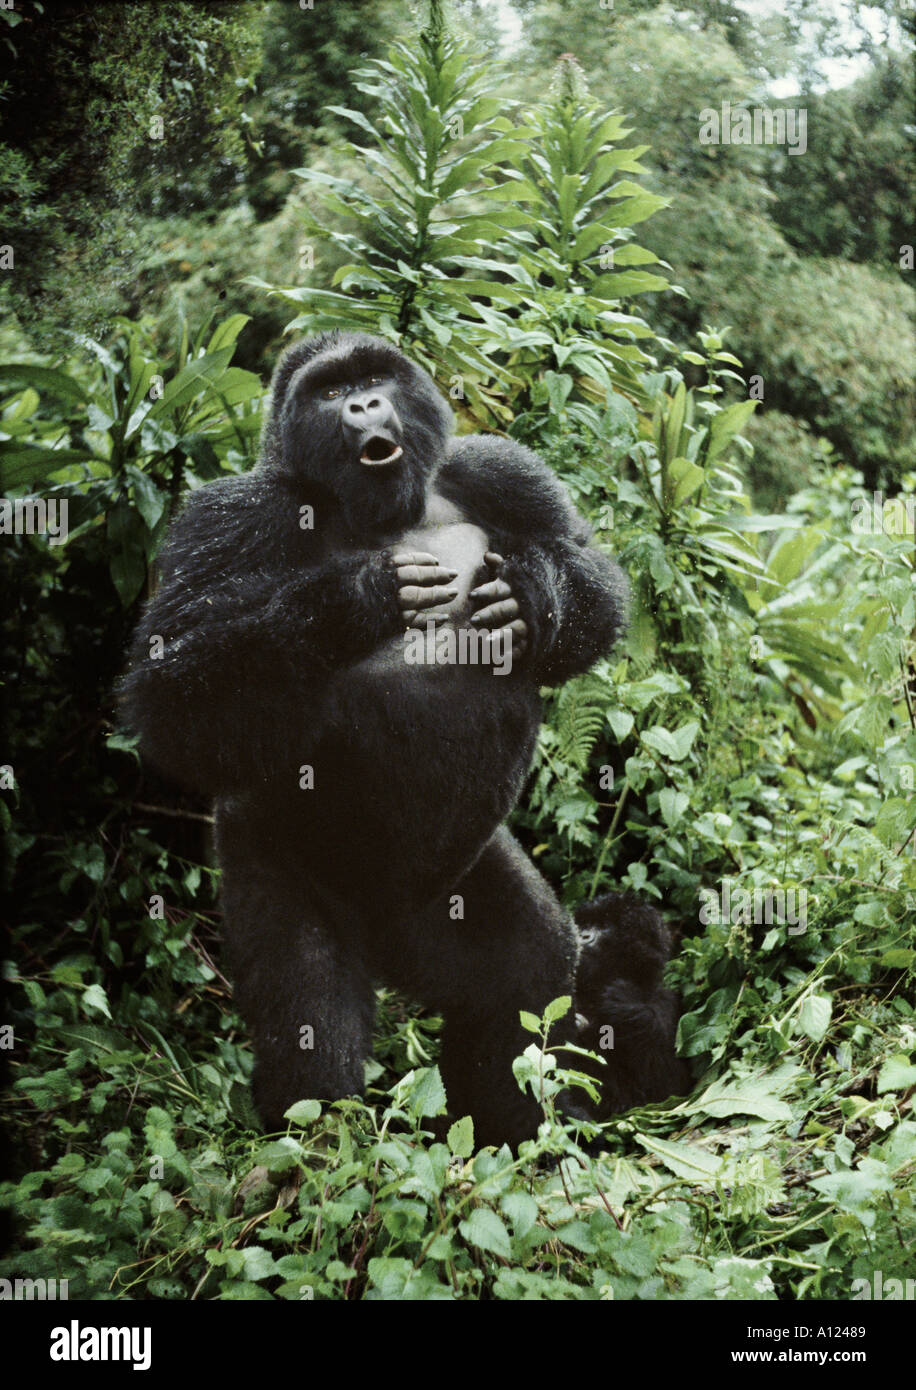 Silverback mountain gorilla beating his chest Rwanda Photographer Sjaak van den Nieuwendijk - Stock Image